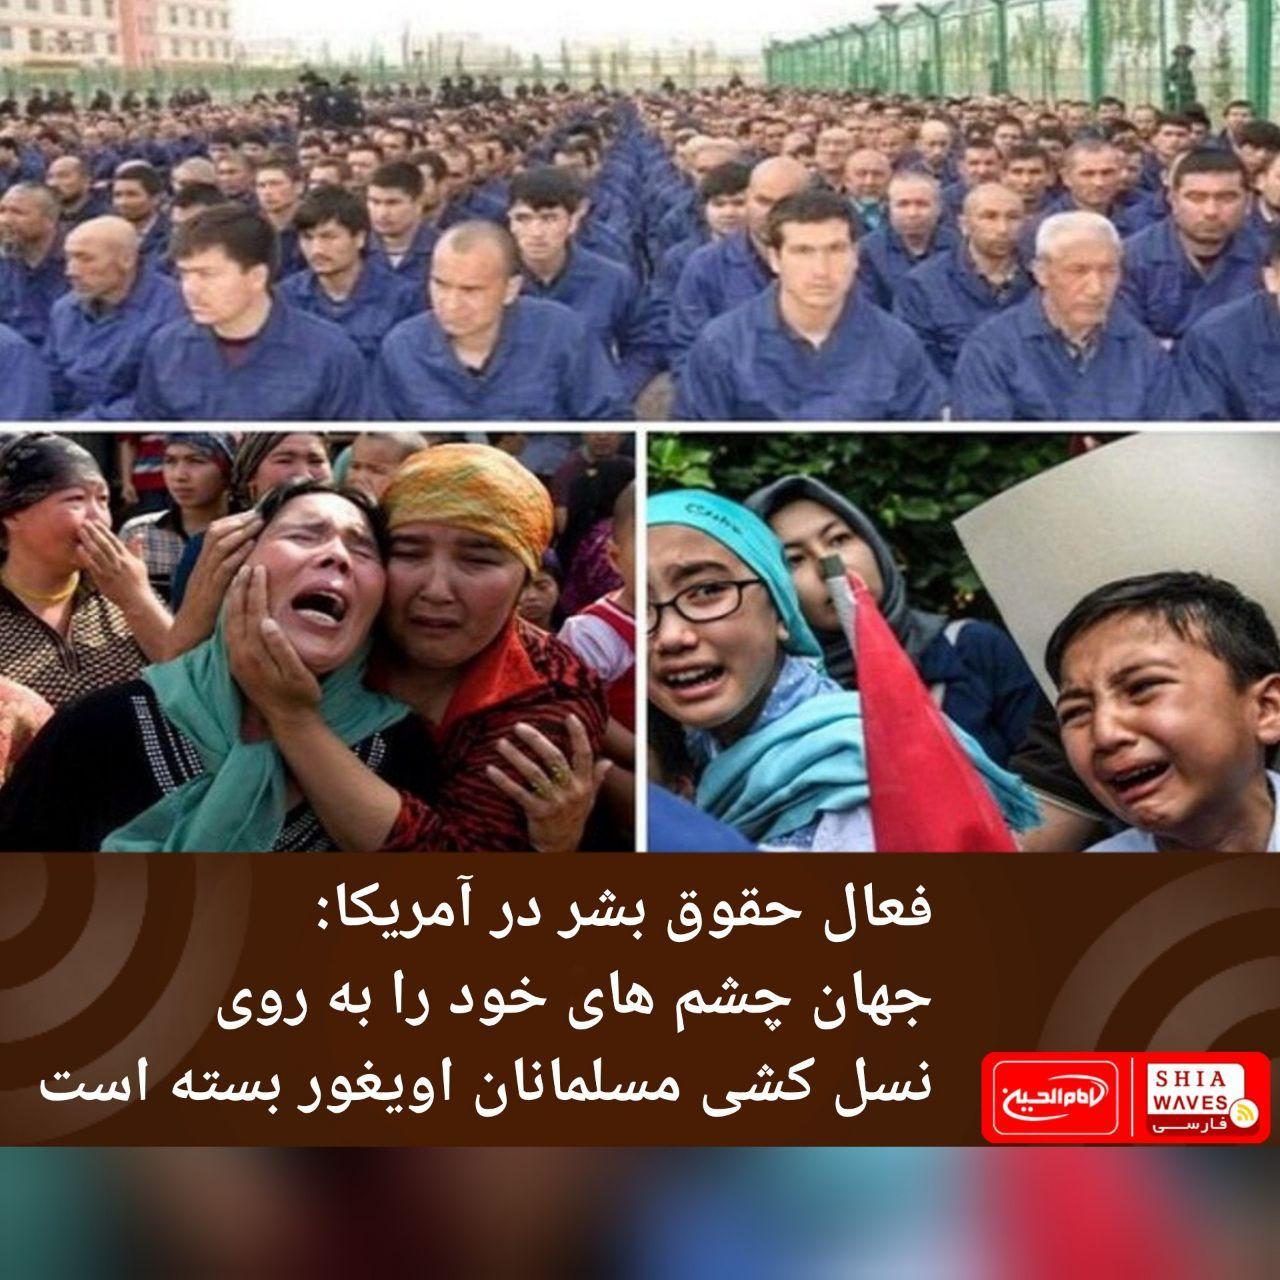 تصویر فعال حقوق بشر در آمریکا: جهان چشم های خود را به روی نسل کشی مسلمانان اویغور بسته است